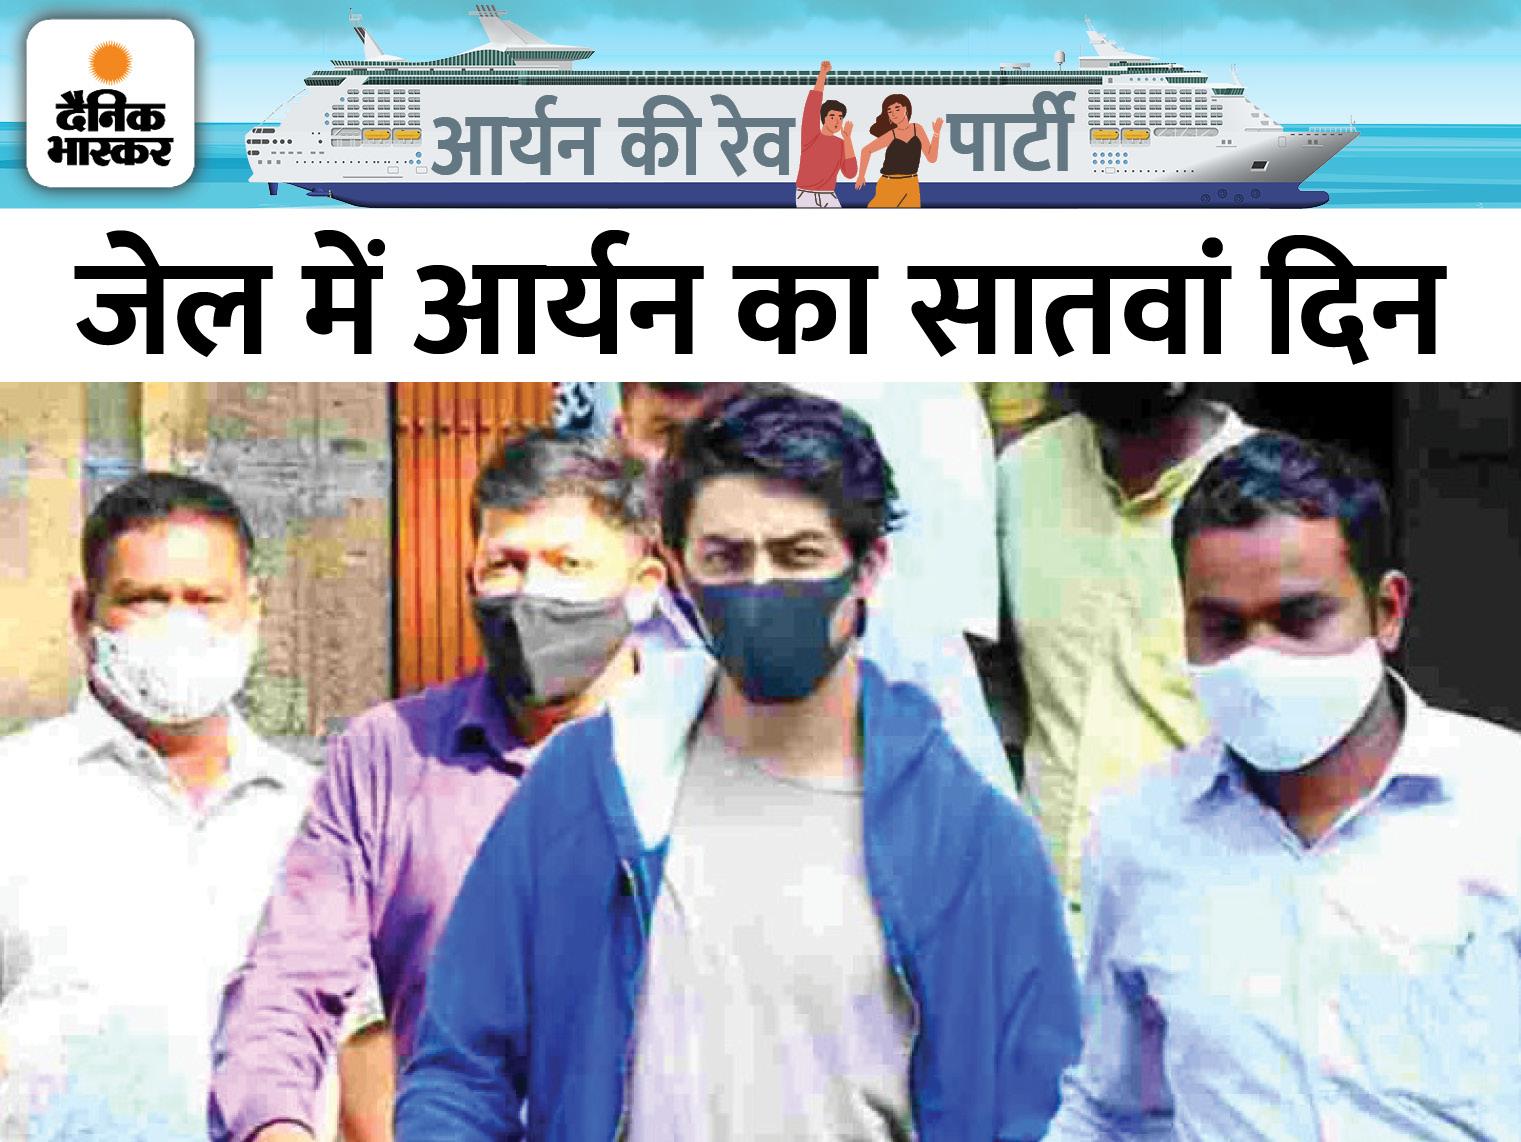 ASG बोले- आर्यन ने ड्रग्स का नशा पहली बार नहीं किया, वे इसे सालों से ले रहे|महाराष्ट्र,Maharashtra - Dainik Bhaskar